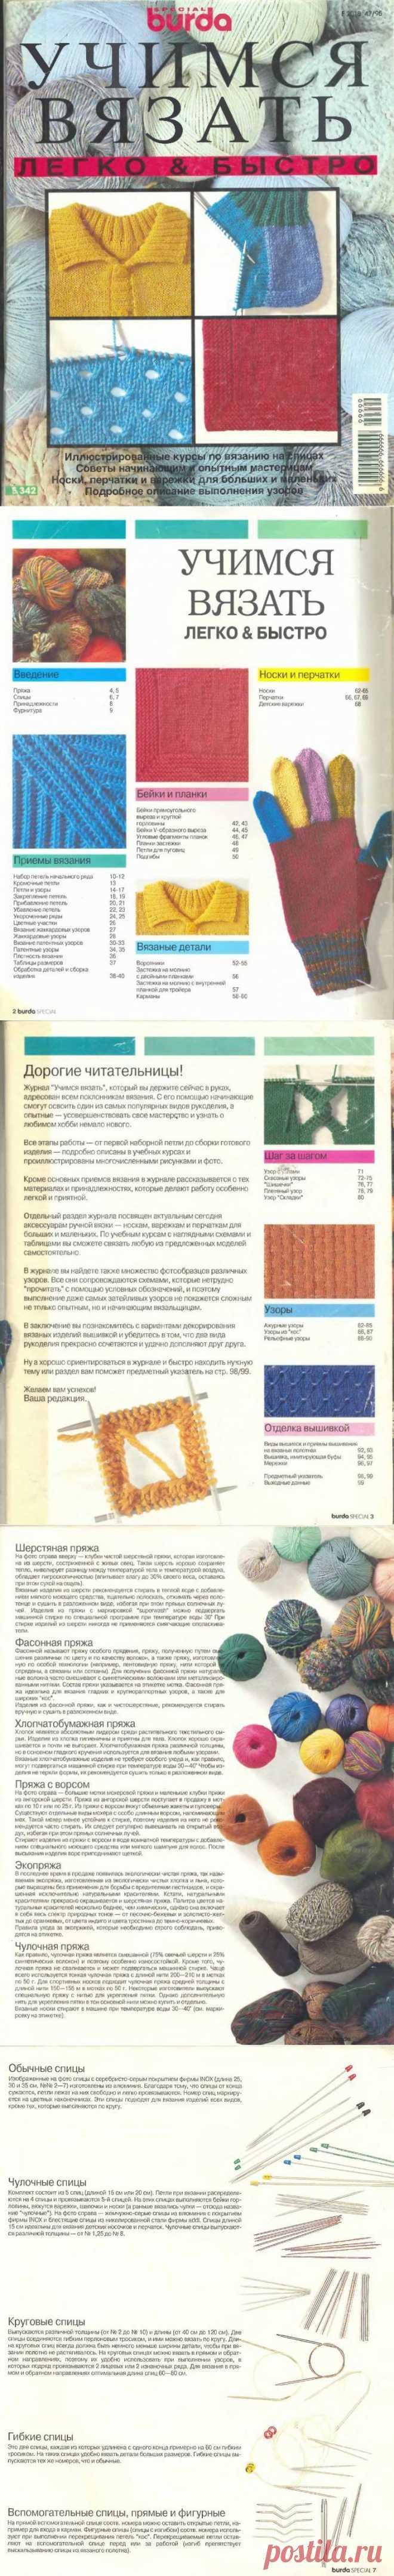 цитата Ромашка_2012 : Учимся вязать легко и быстро. Иллюстрированные курсы по вязанию на спицах. (13:28 25-09-2013) [5081819/292873825] - valentina.fedcko@mail.ru - Почта Mail.Ru